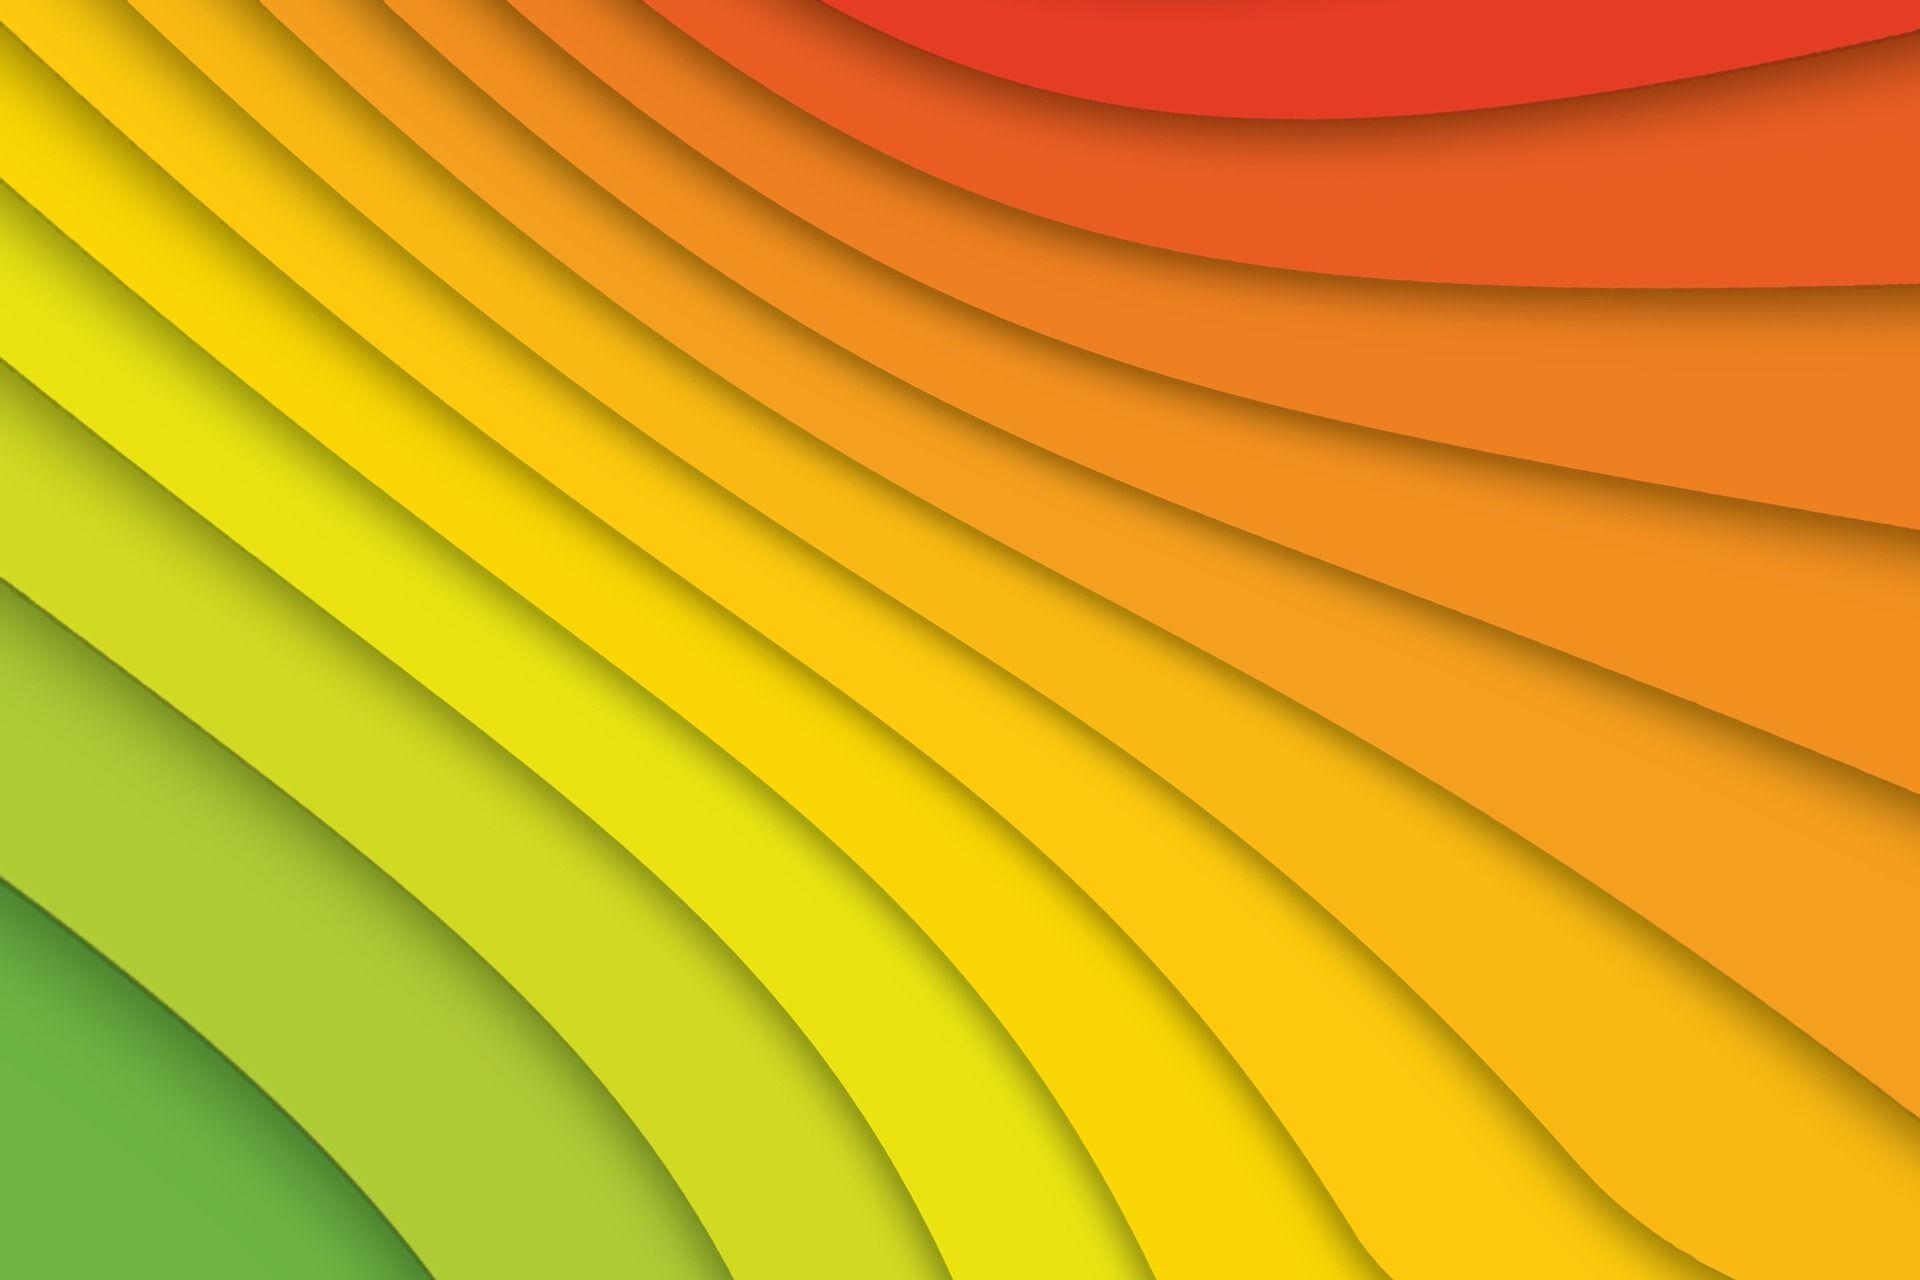 Patrón, Líneas, Colores, Torsión, Niveles